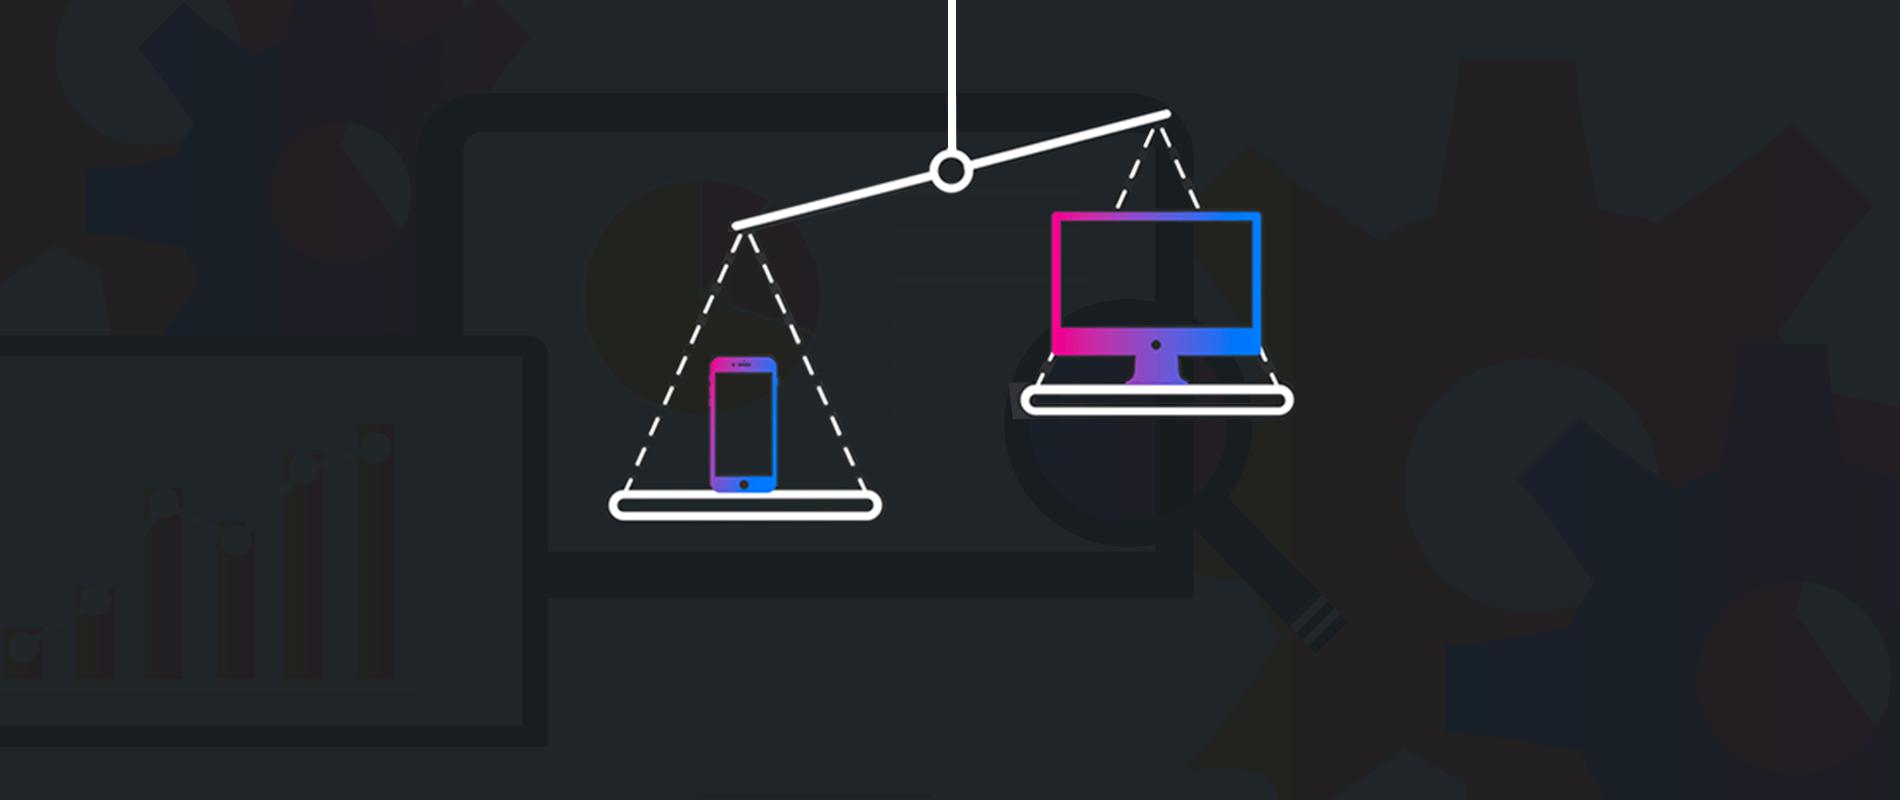 Pourquoi le taux de conversion sur mobile est-il plus faible que sur ordinateur ?